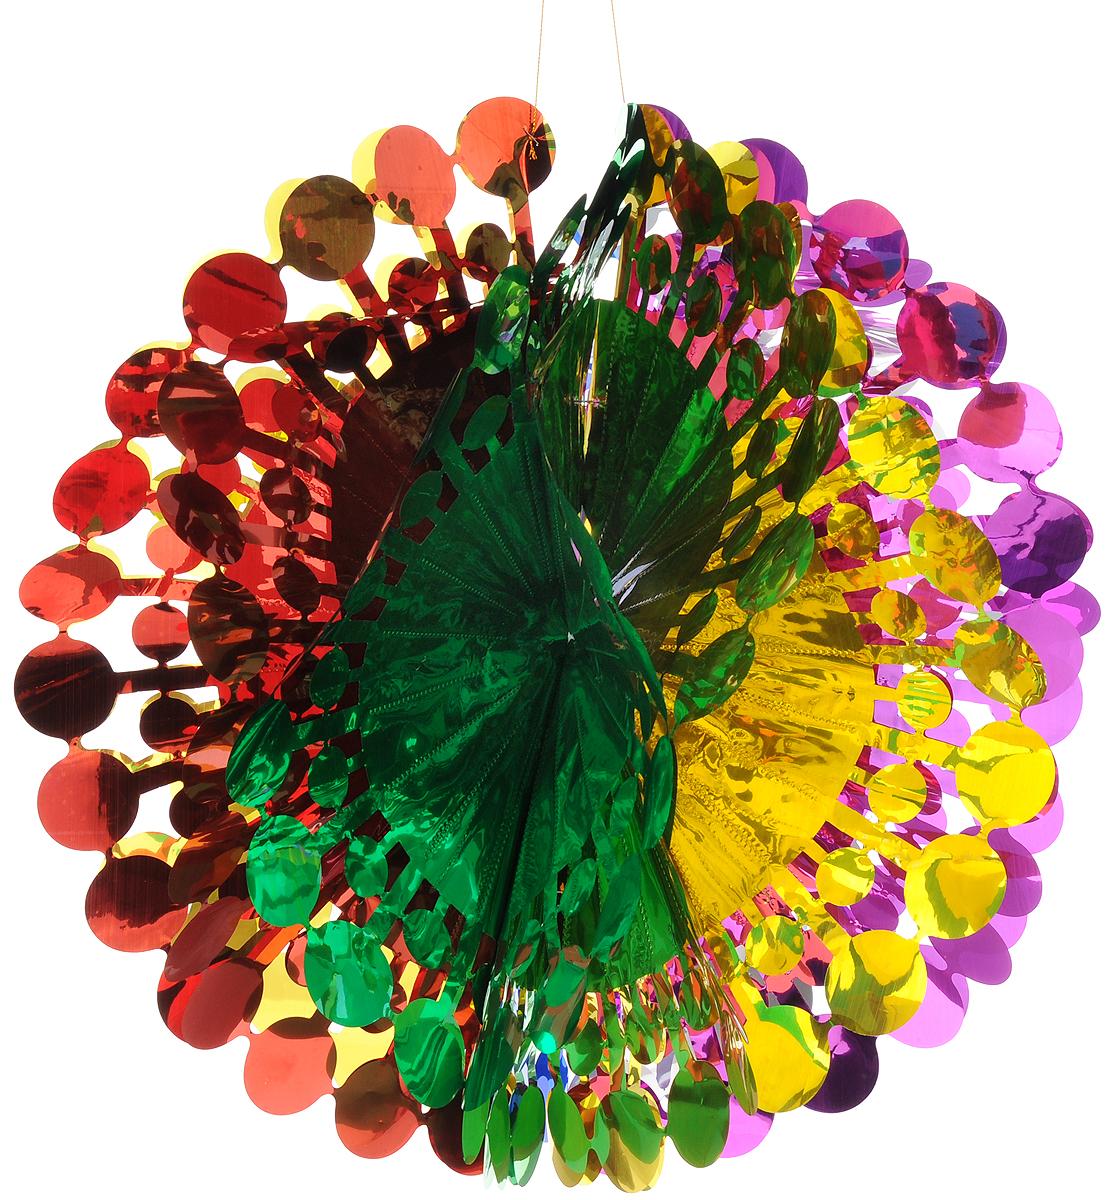 Украшение новогоднее подвесное Magic Time Шар цветной, 47 x 24 см42124Новогоднее подвесное украшение Magic Time Шар цветной выполнено из ПЭТ (полиэтилентерефталат) в виде огромного шара. С помощью специальной петельки украшение можно повесить в любом понравившемся вам месте. Игрушка удачно будет смотреться под потолком. Новогоднее украшение Magic Time Шар цветной несет в себе волшебство и красоту праздника. Создайте в своем доме атмосферу веселья и радости, с помощью игрушек, которые будут из года в год накапливать теплоту воспоминаний. Материал: полиэтилентерефталат. Размер (в сложенном виде): 47 х 24 см.